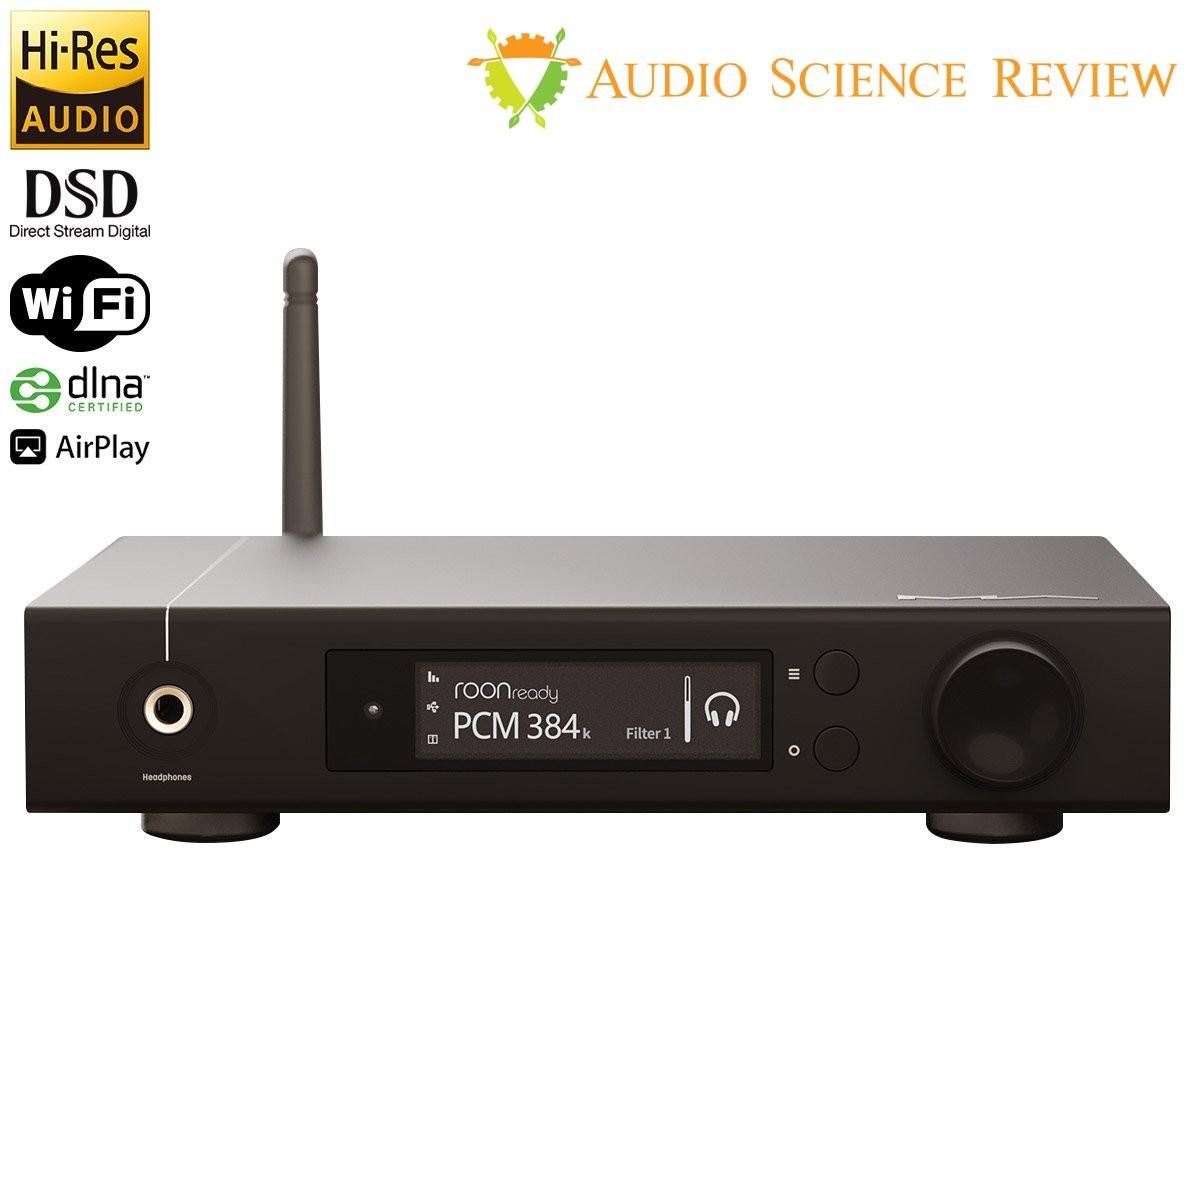 MATRIX ELEMENT I Lecteur Réseau DAC ES9028PRO XMOS WiFi DLNA AirPlay 32bit 768kHz DSD512